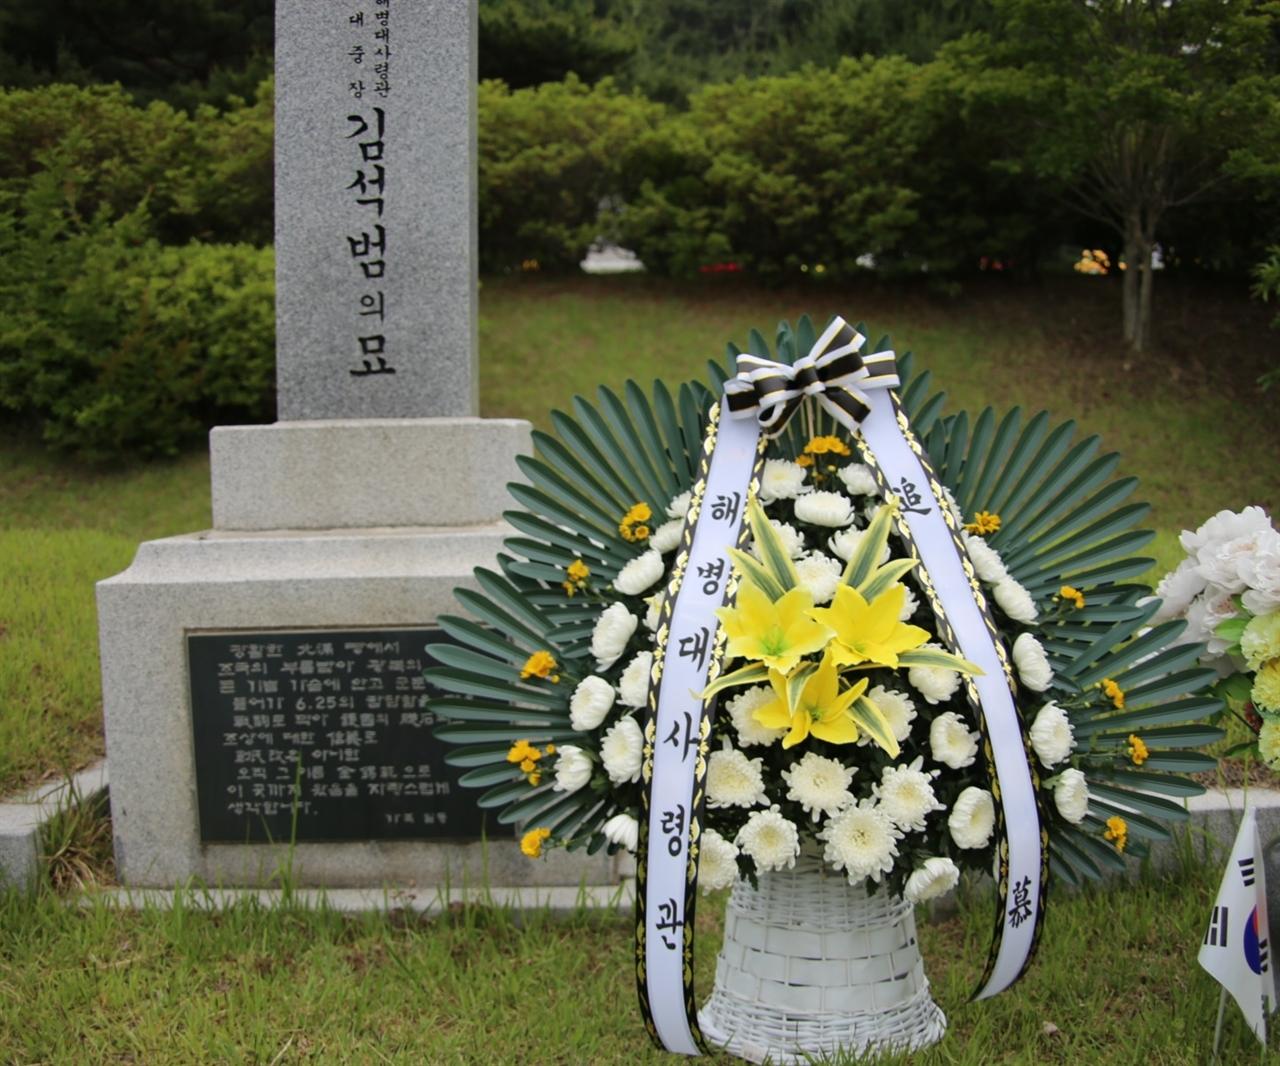 올해도 해병대사령관이 김석범(金錫範, 1915~1998)의 묘지에 조화를 바쳤다.(2019년 6월 6일 오후)